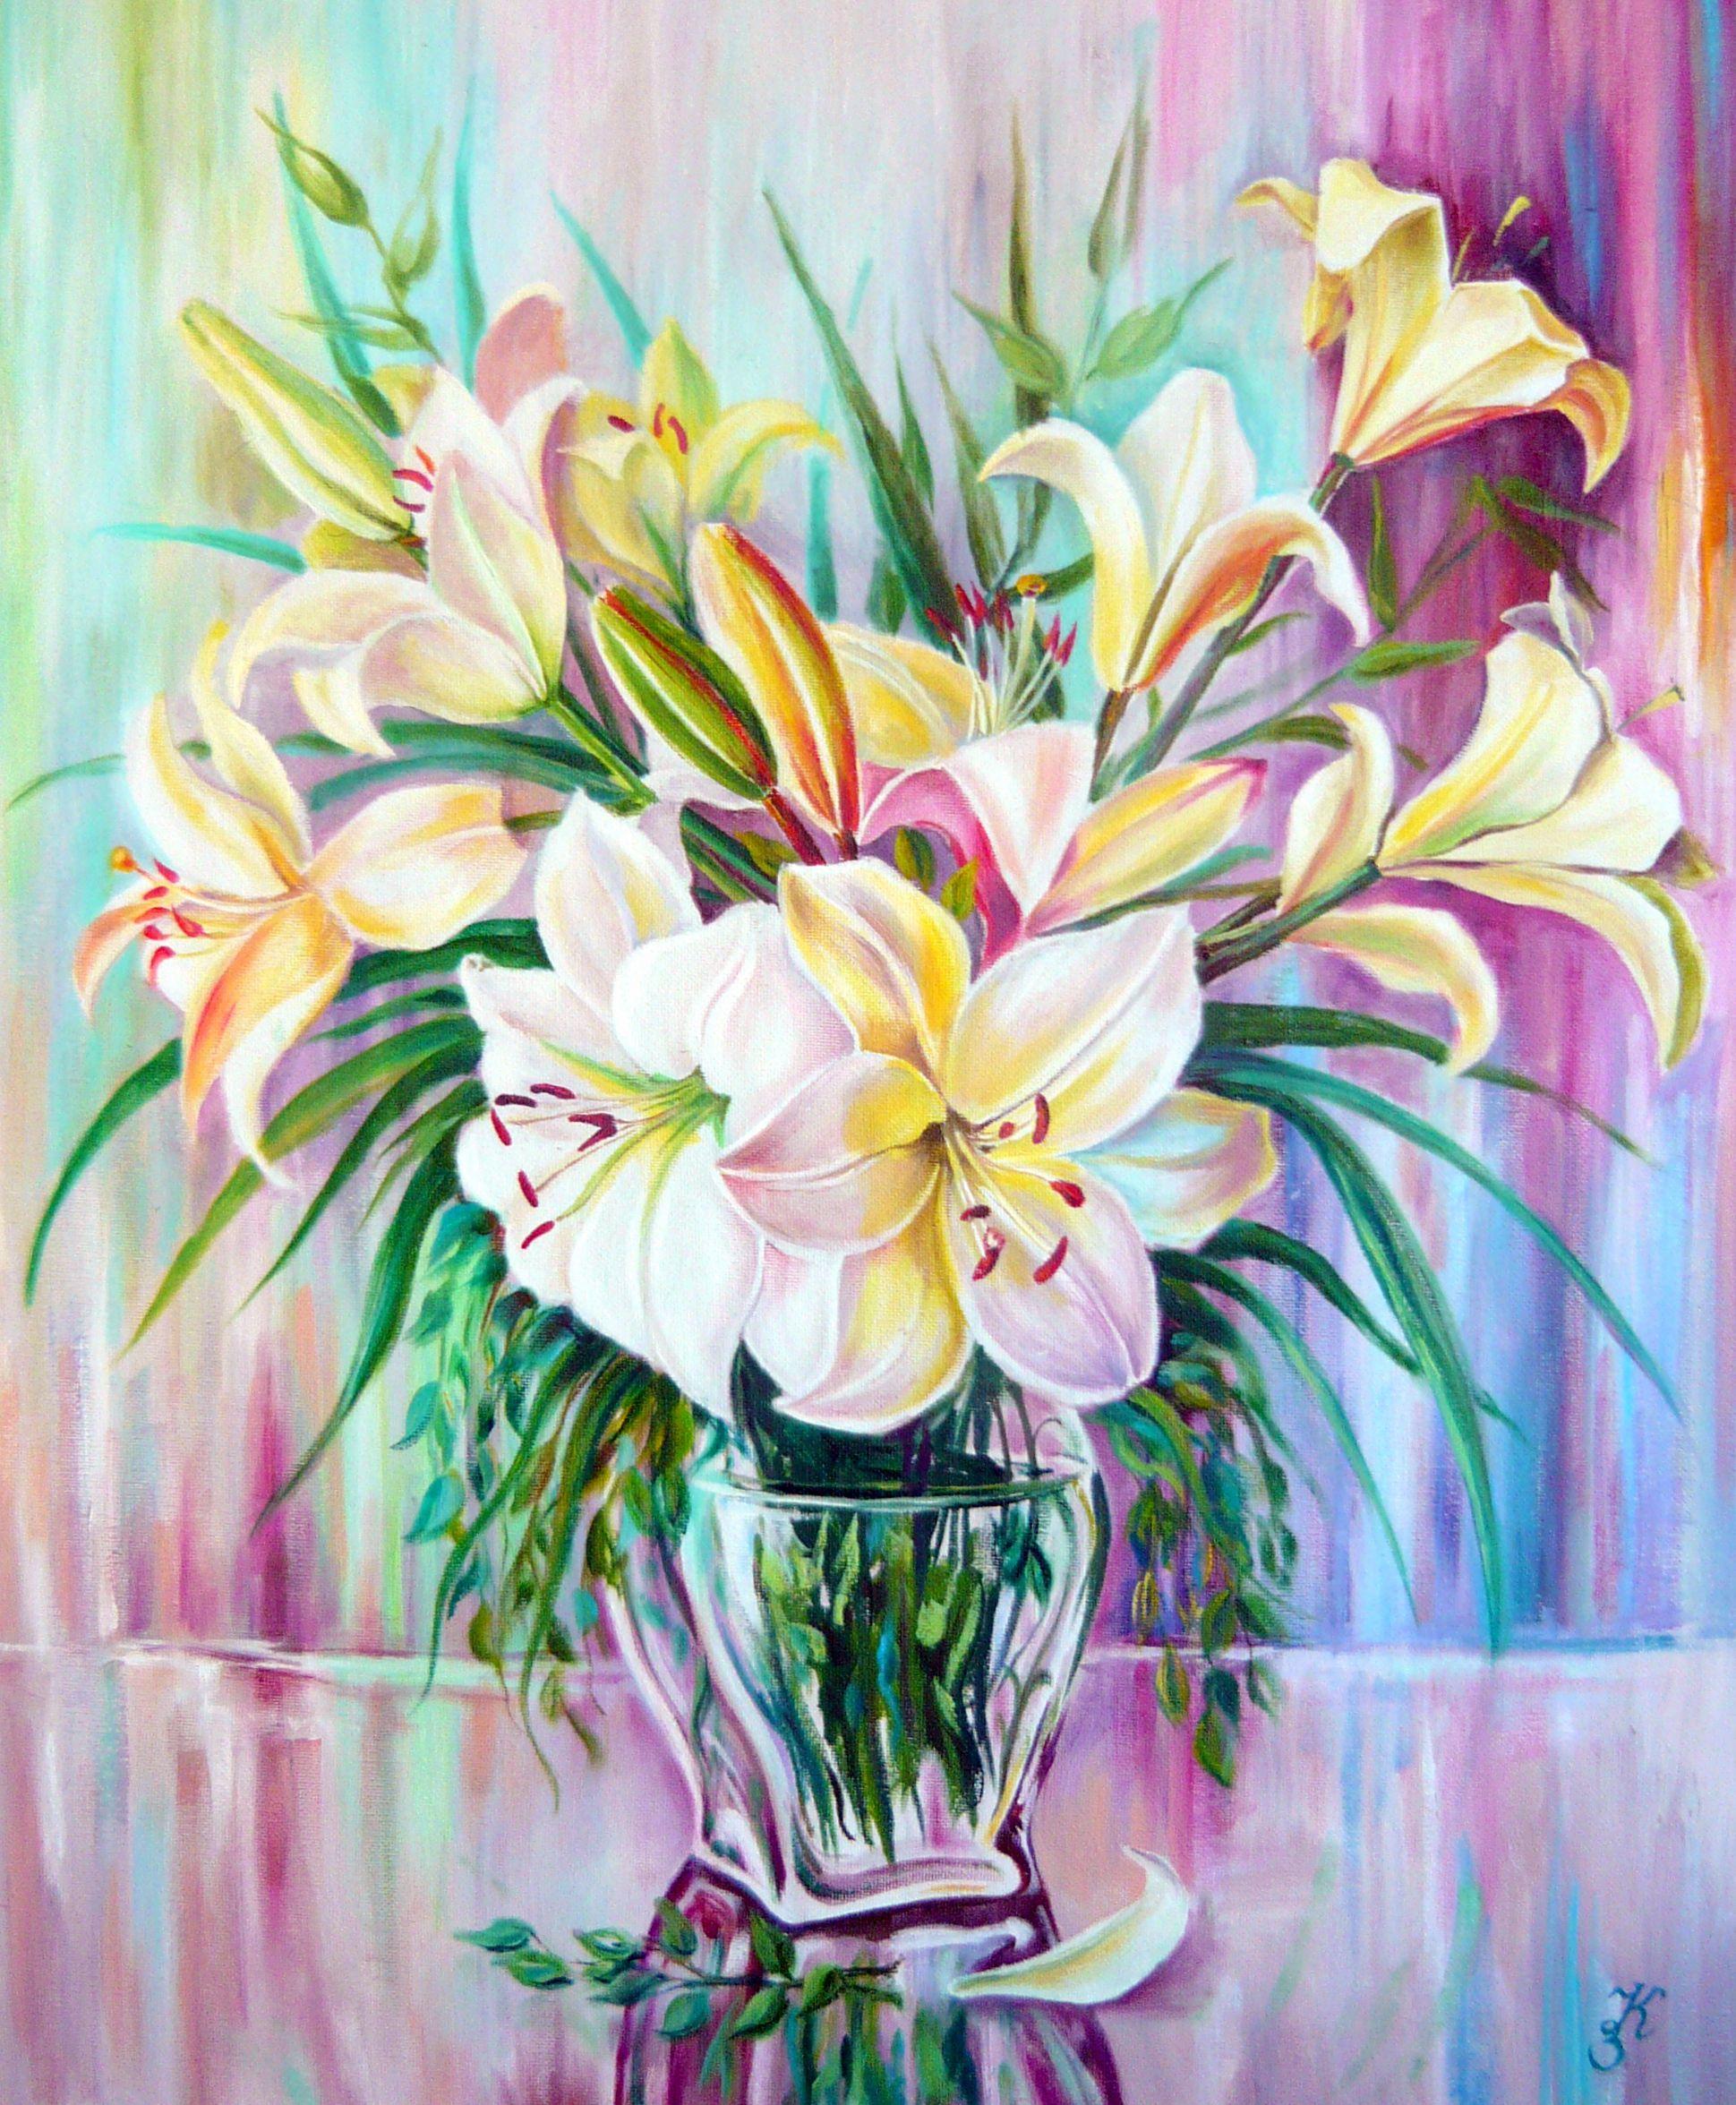 цветы лилии живопись картина подарок